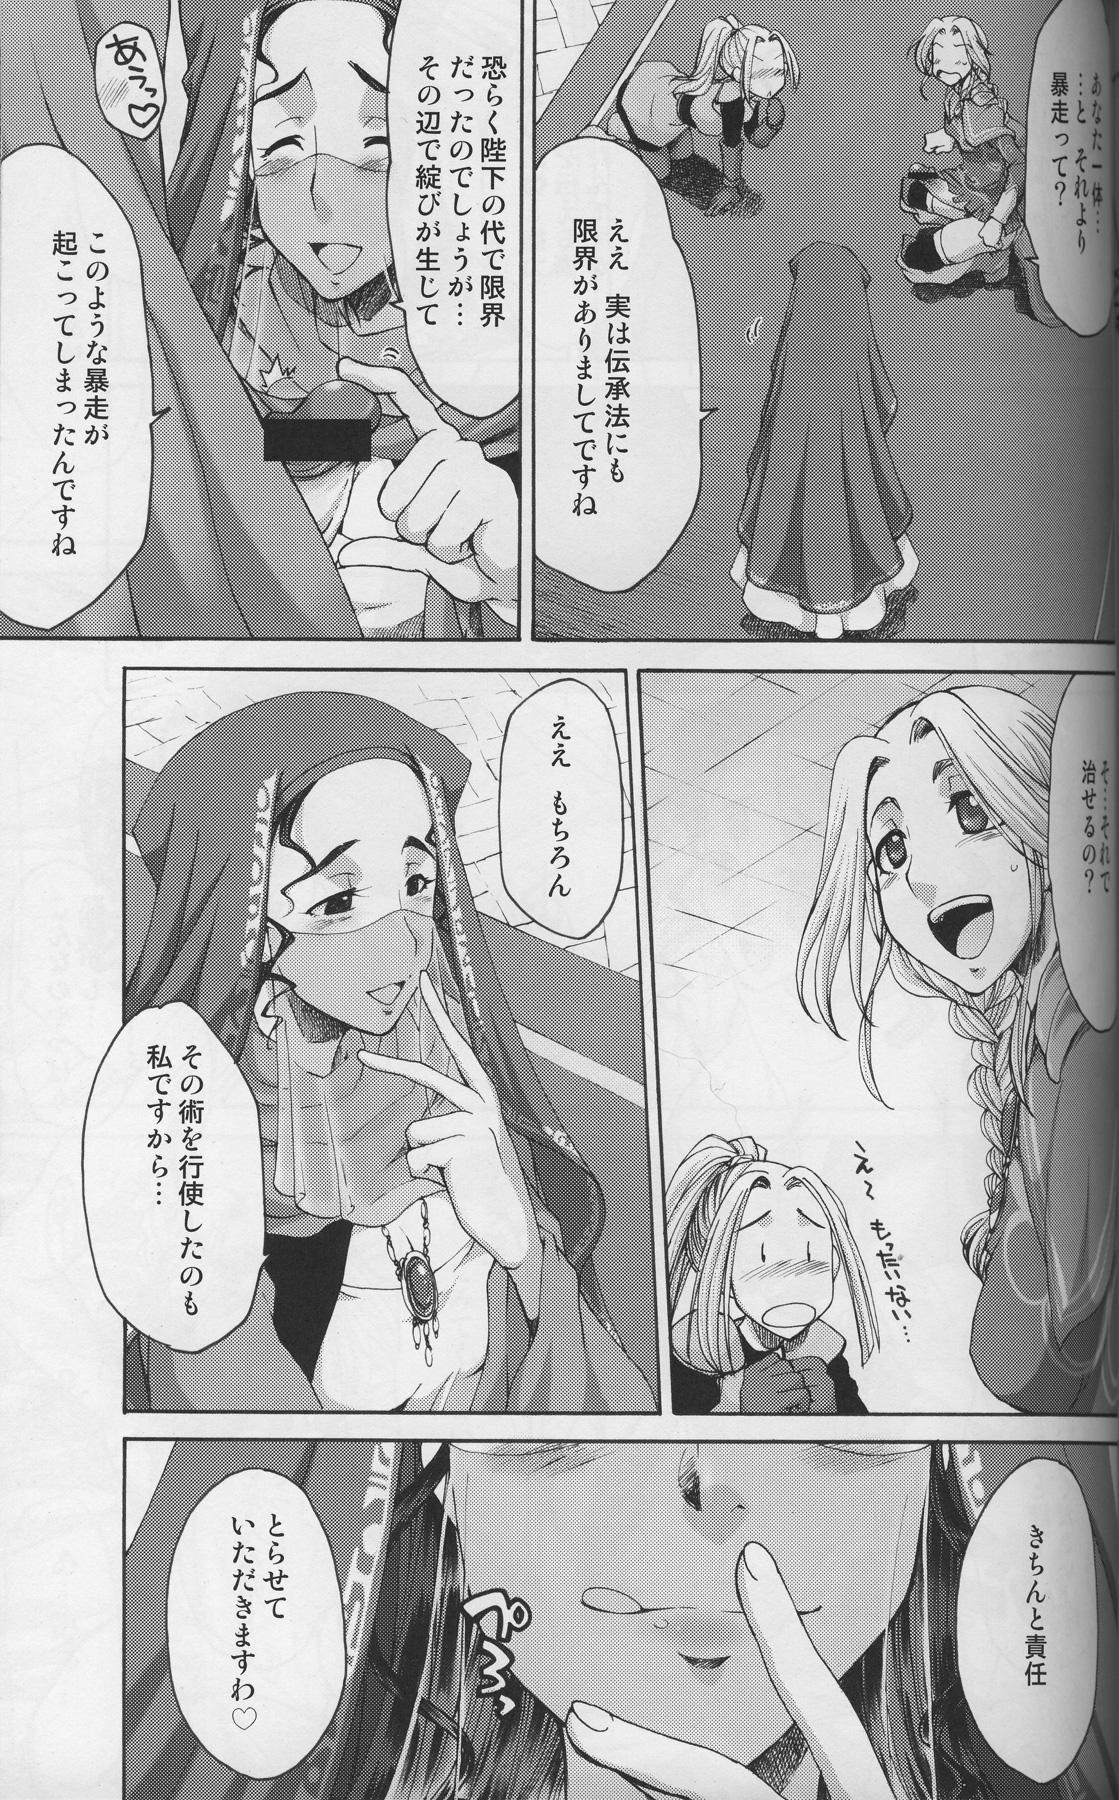 Komakasugite Tsutawaranai Ero Doujin Senshuken Haru no Nijikan SPECIAL 44